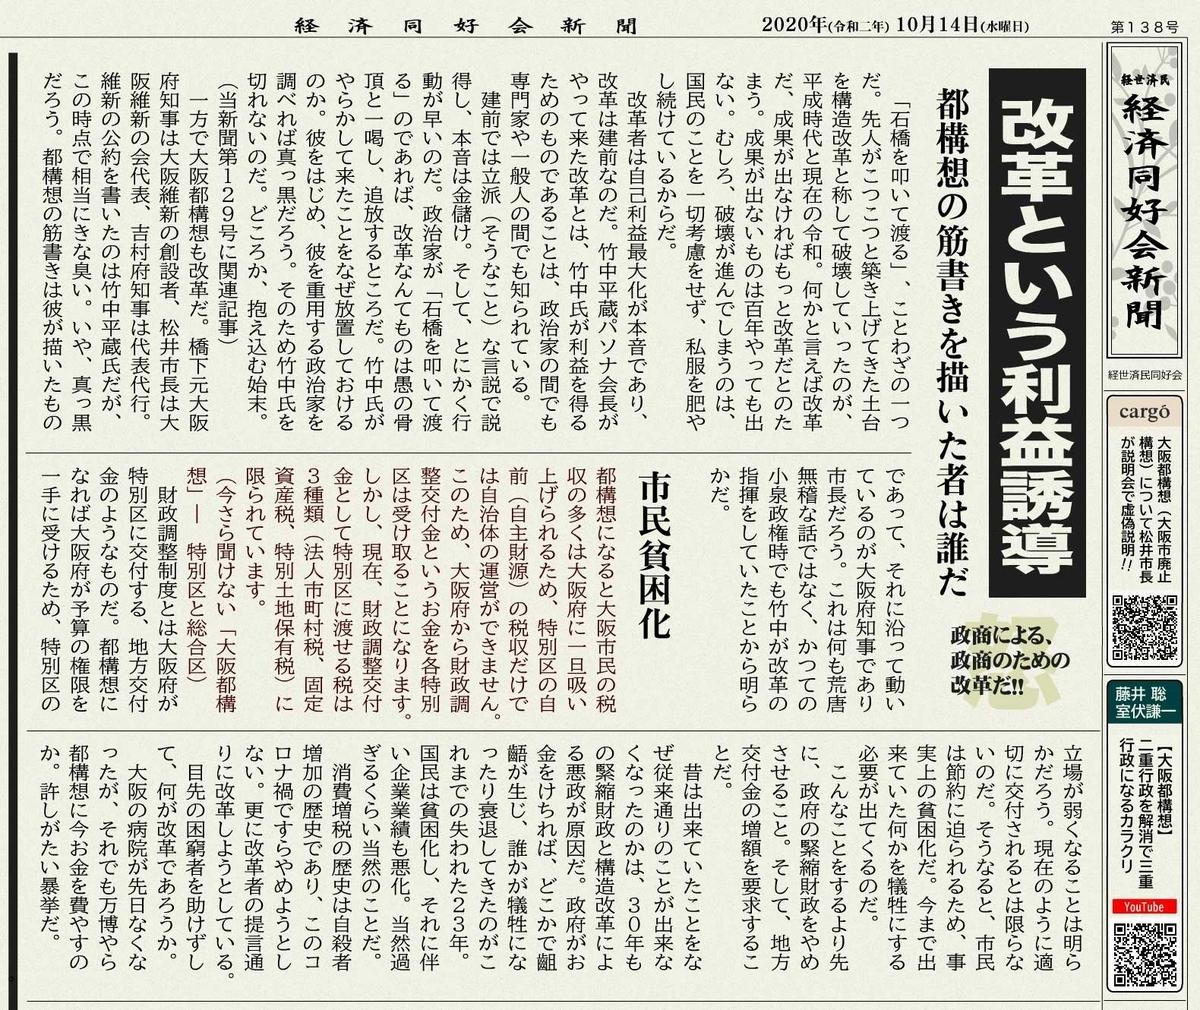 経済同好会新聞 第138号「改革という利益誘導」 - 「経世済民」同好会 ...